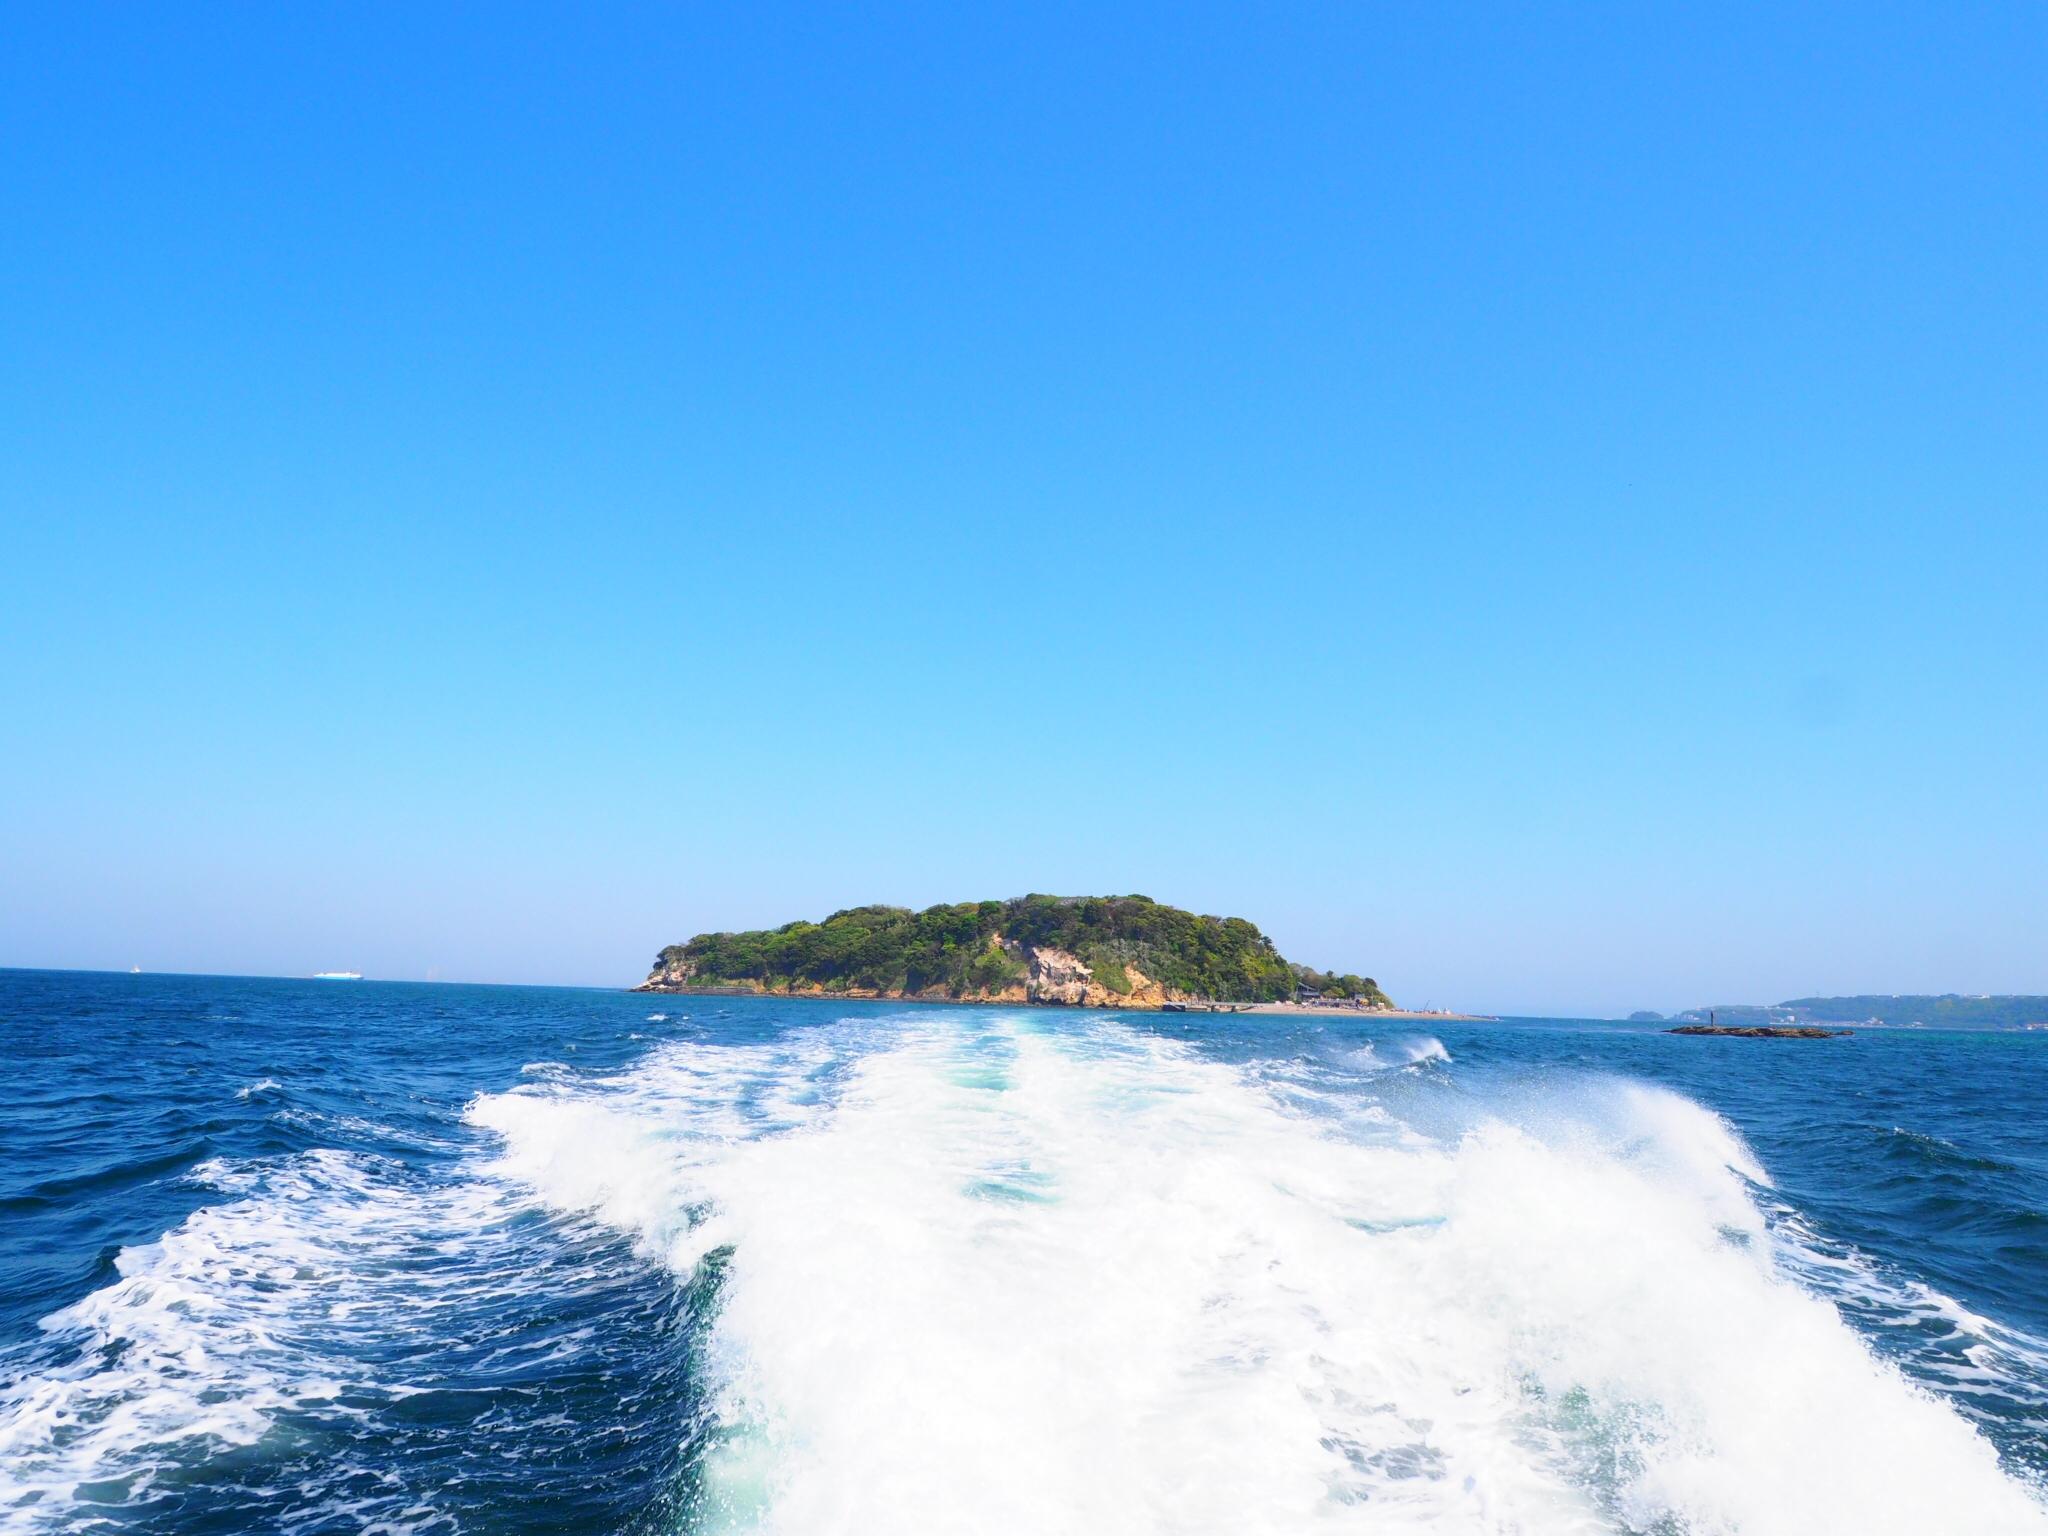 【横須賀日帰り】無人島「猿島」探検ツアー・ちょっとおしゃれなランチで贅沢コース